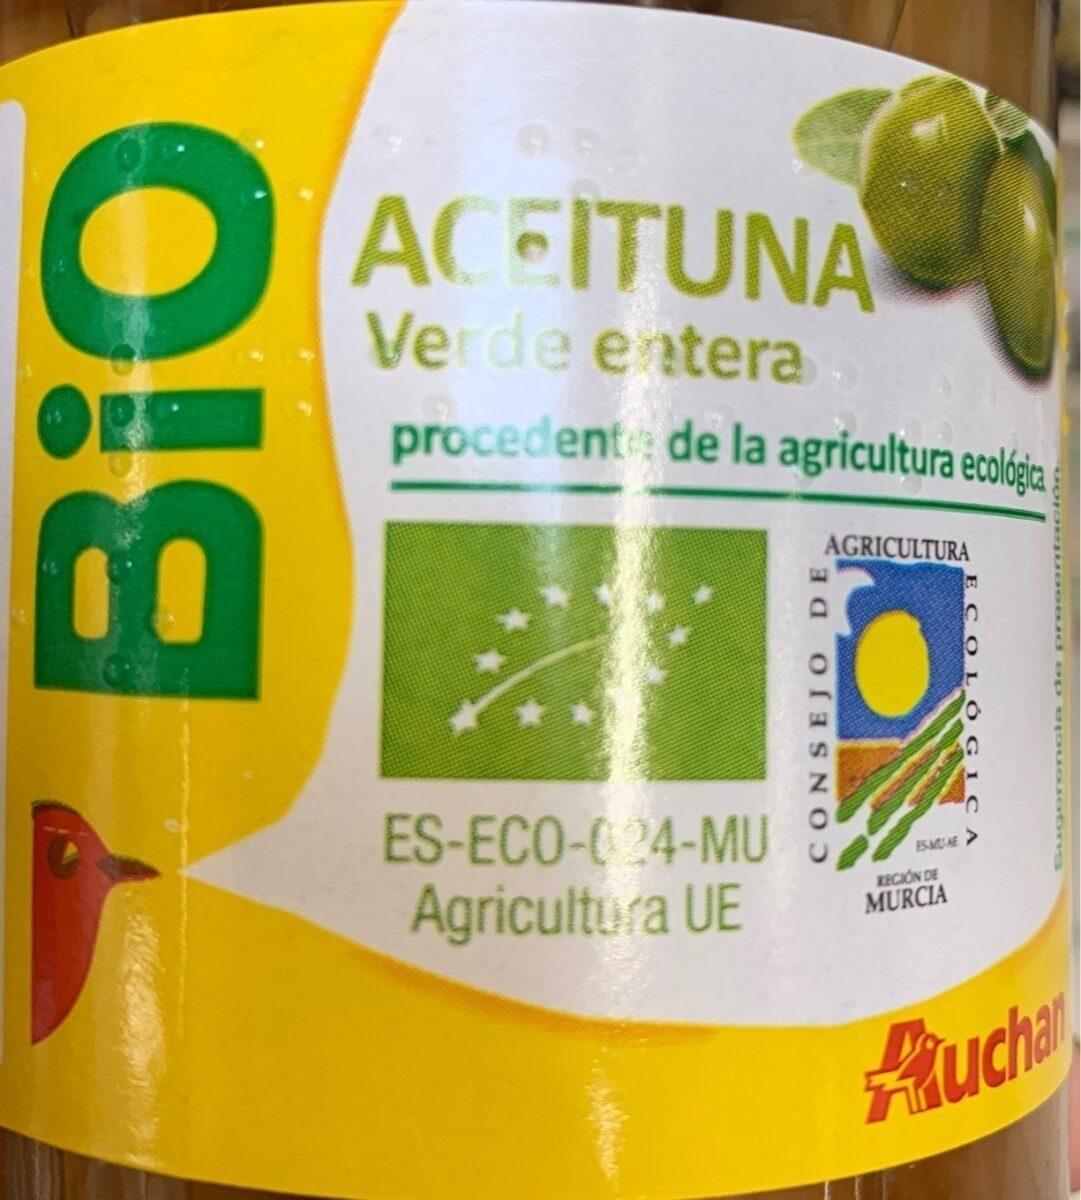 Aceituna Ecologica verde entera - Product - es